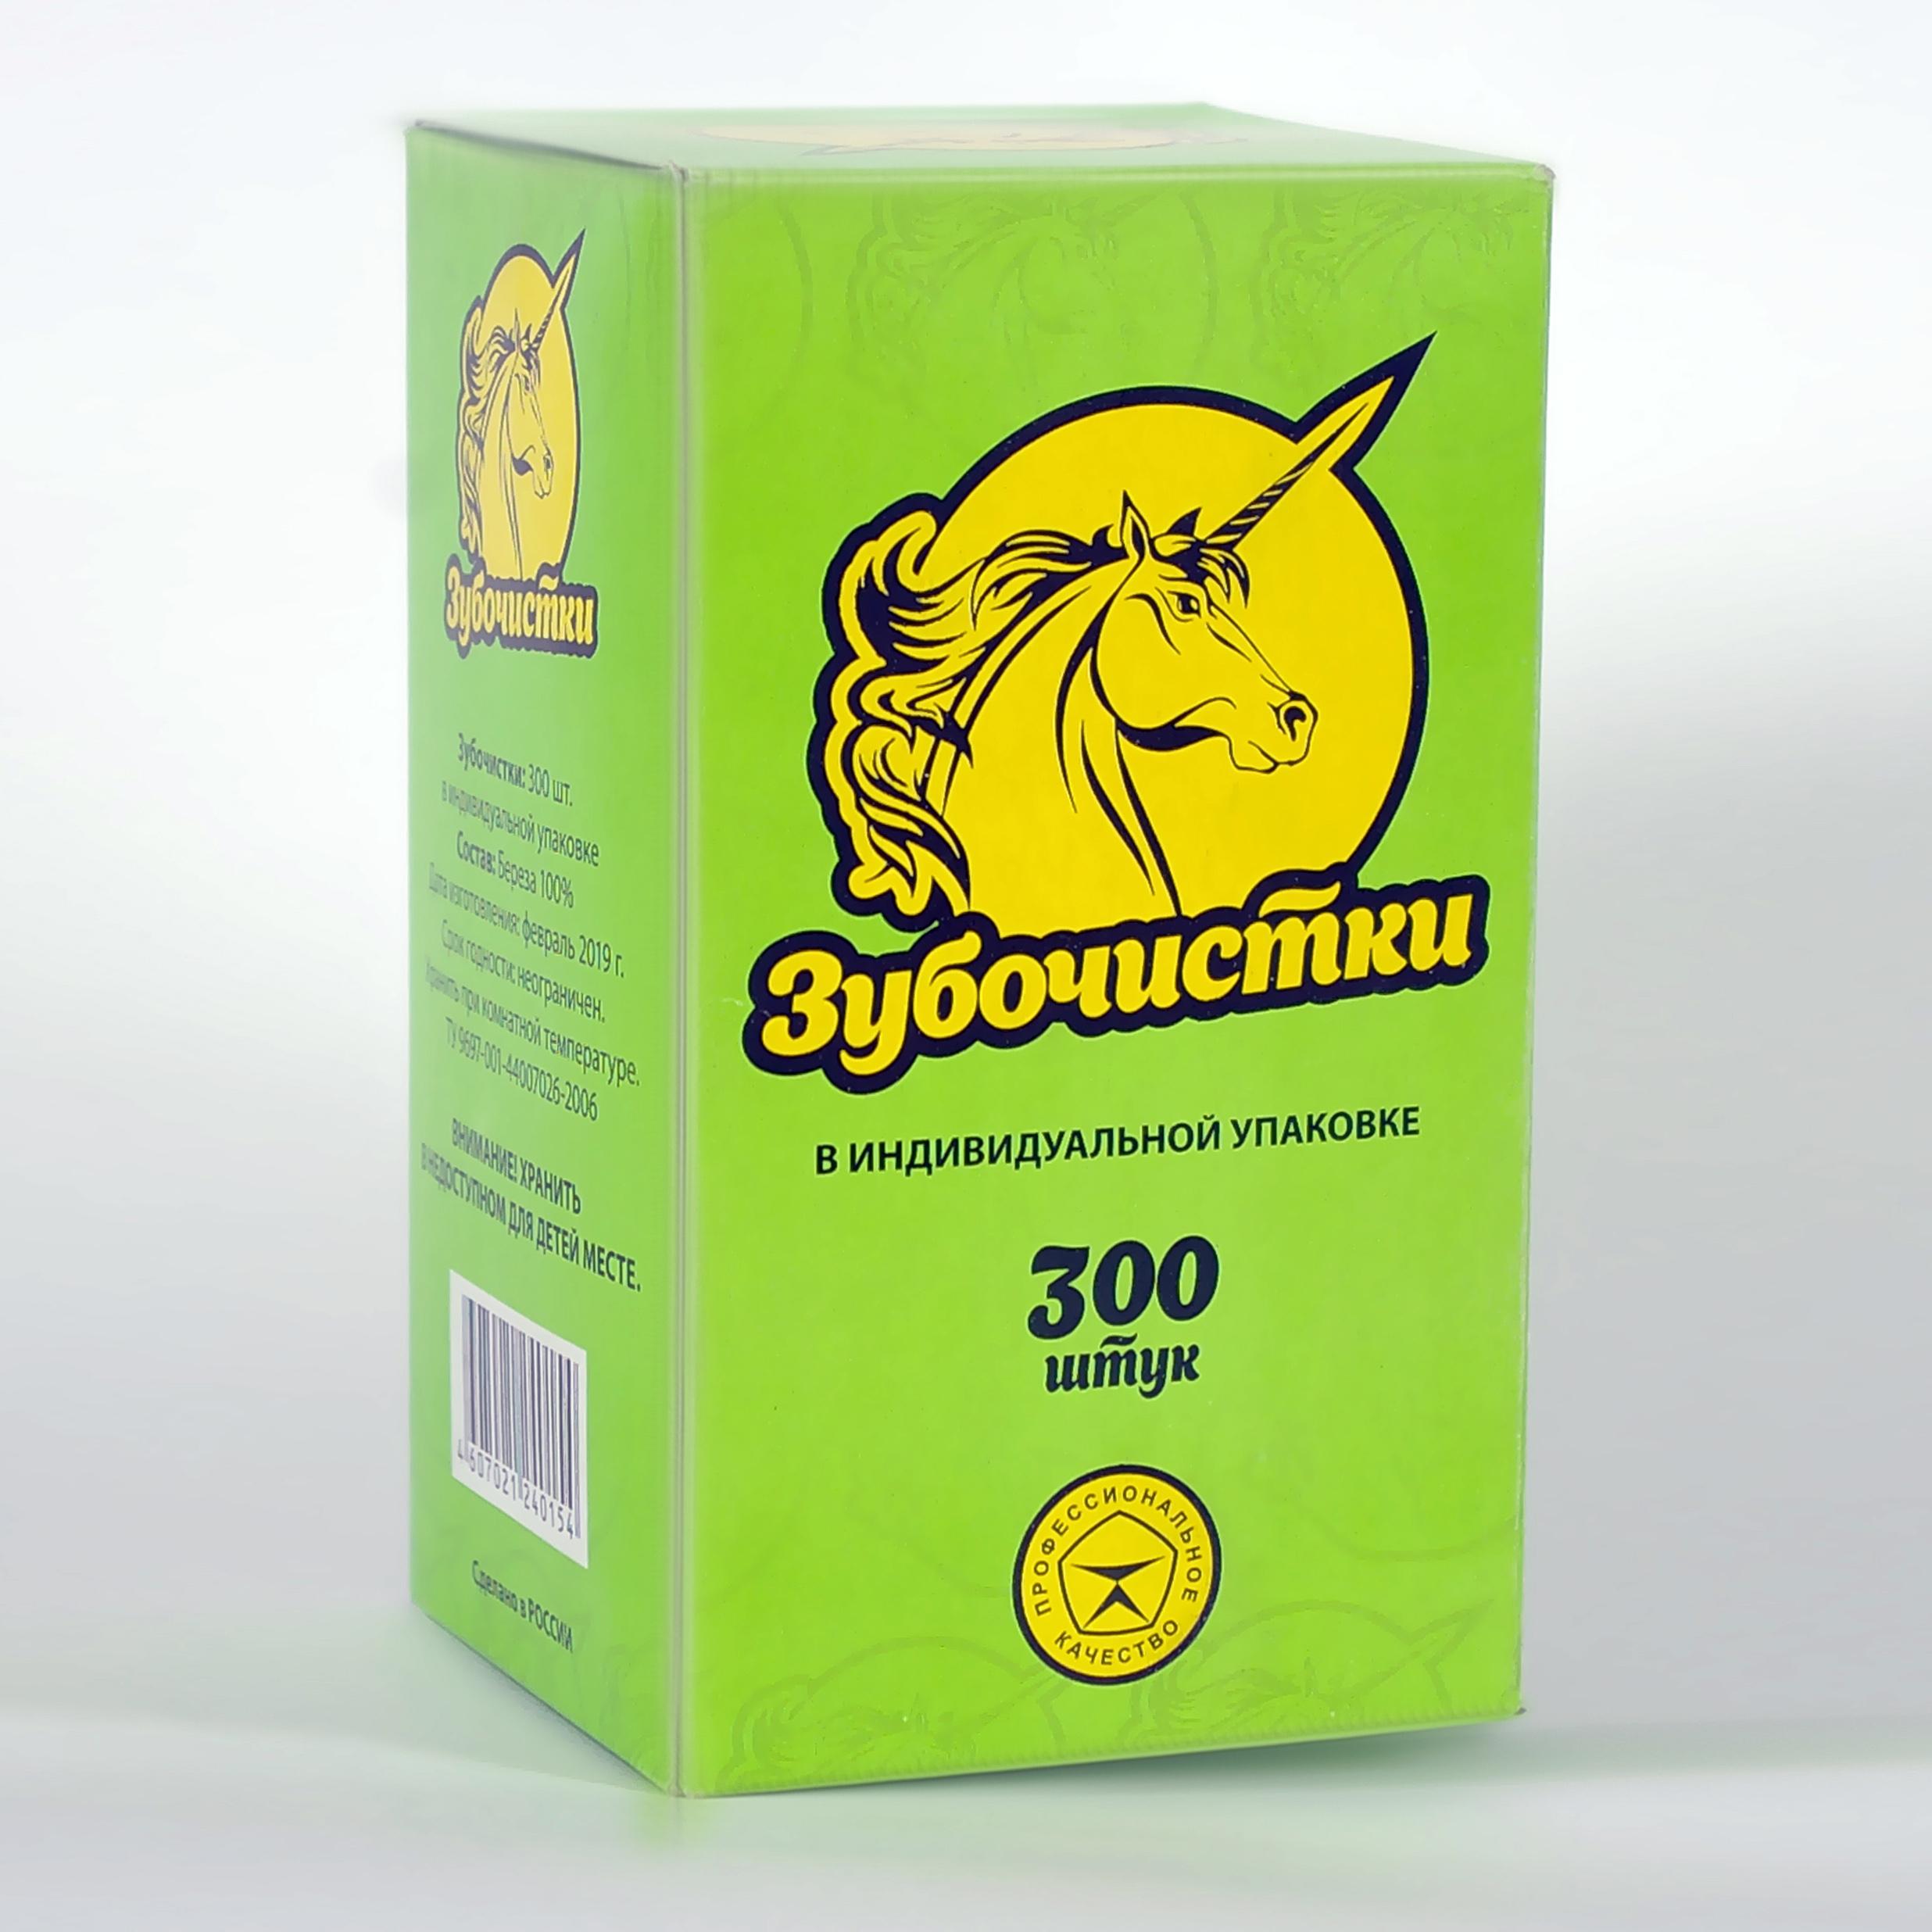 Зубочистки в индивидуальной упаковке в коробке по 300 шт. (от 50 мест) в белой пленке